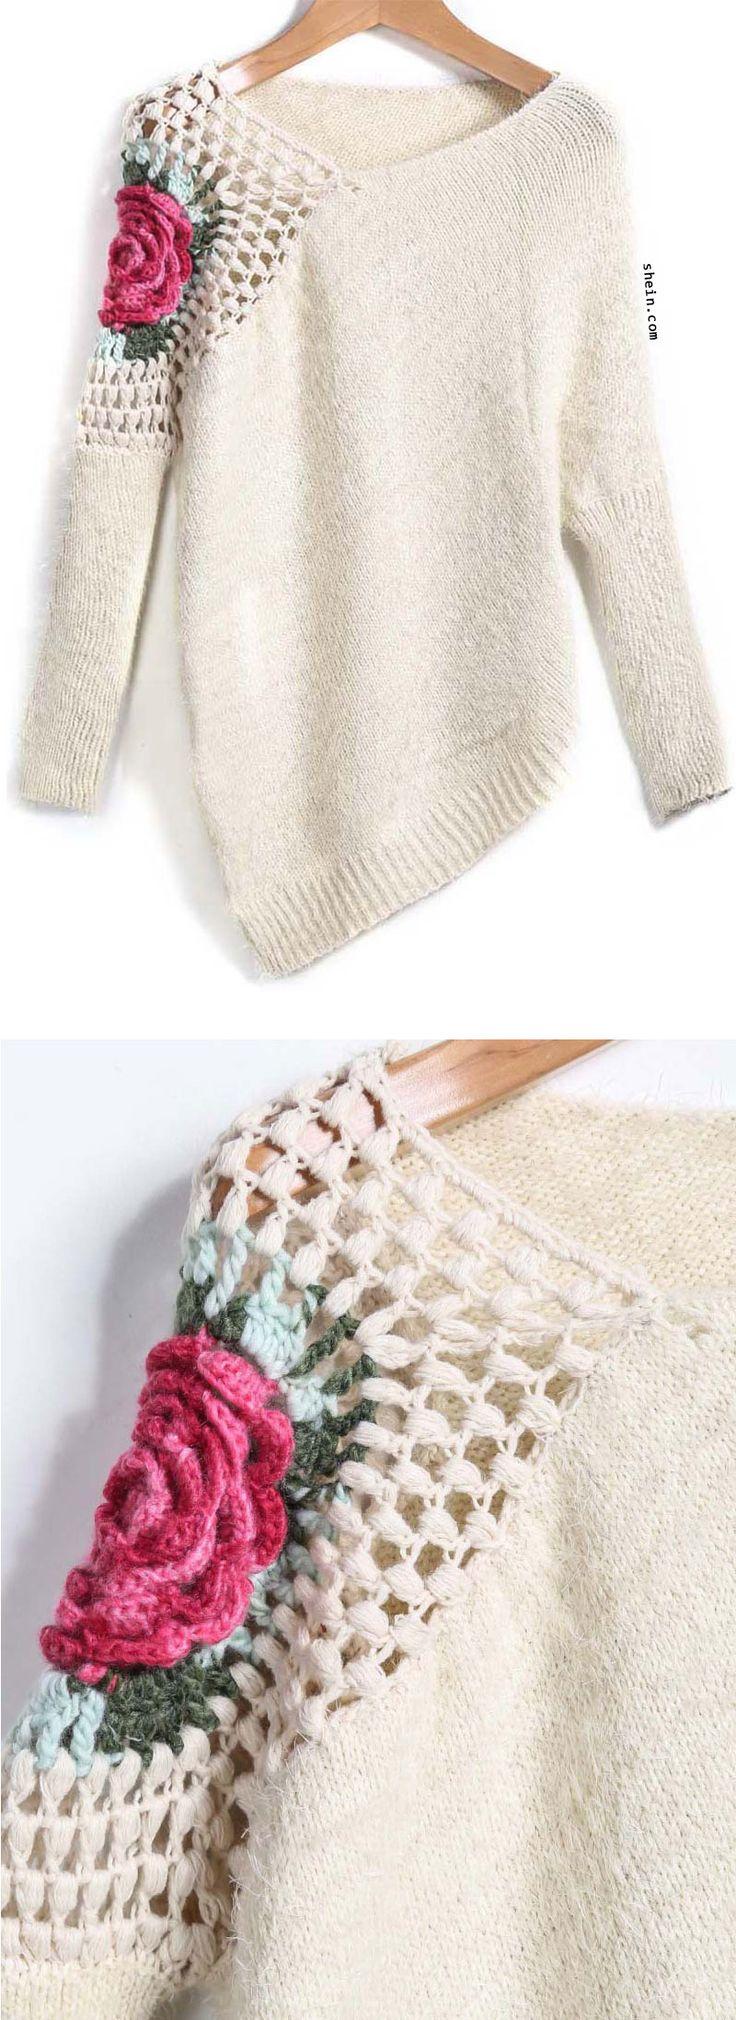 Detalles que marcan la diferencia en una prenda. A crochet.